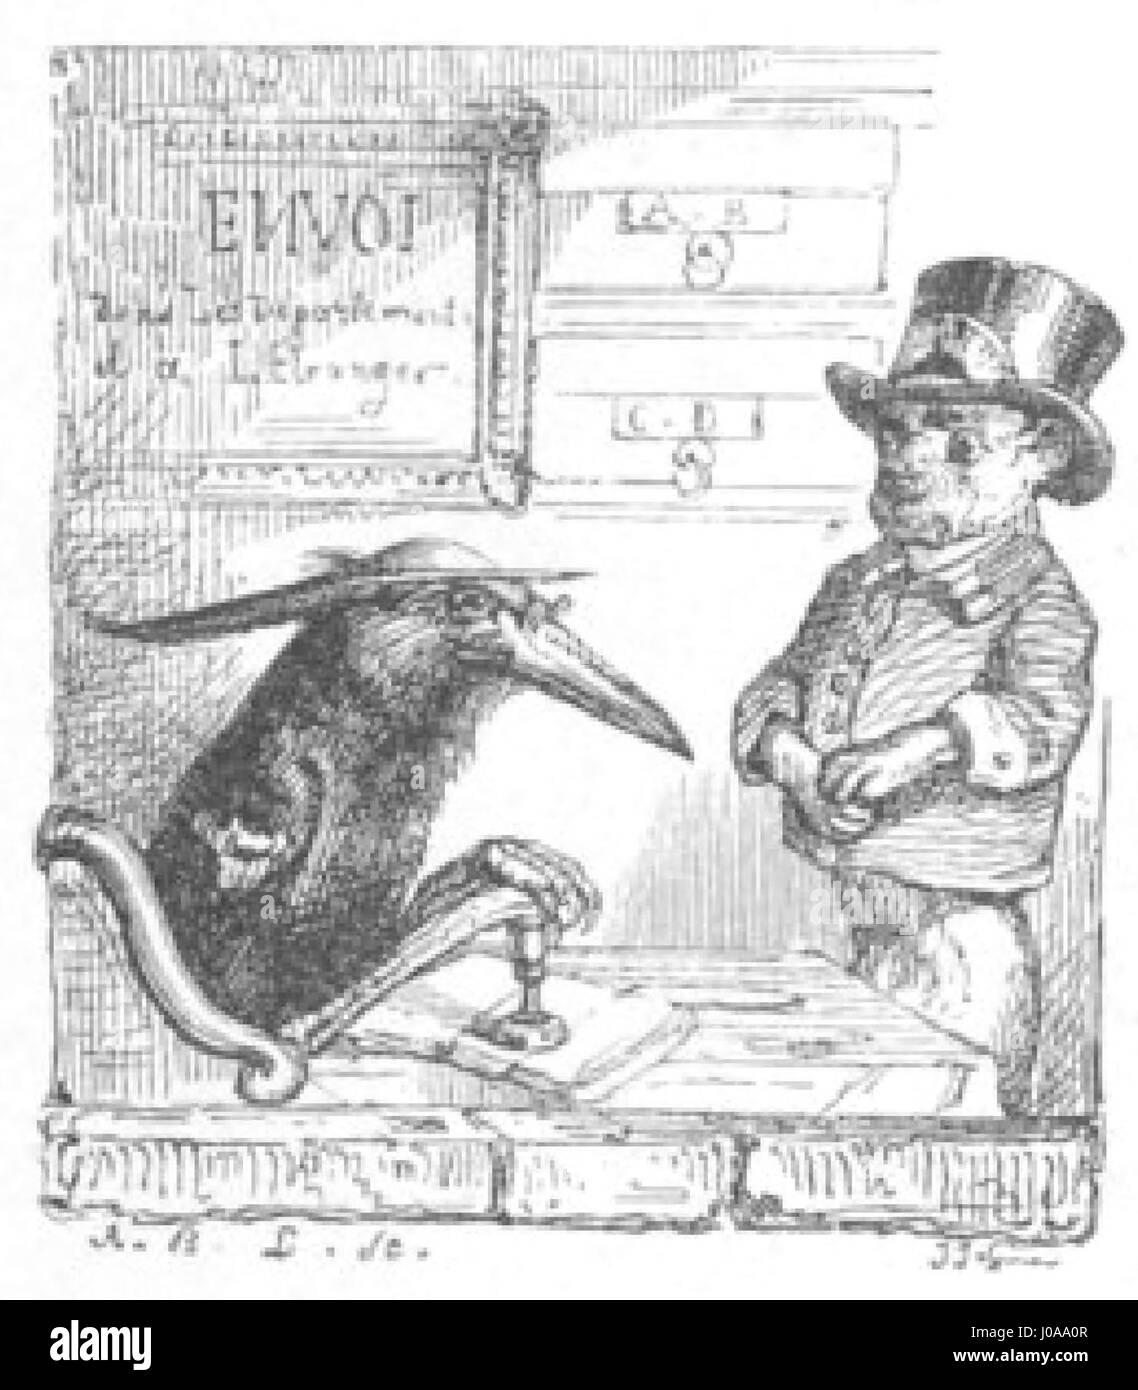 Scènes de la vie privée et publique des animaux, tome 1 0073 - Stock Image